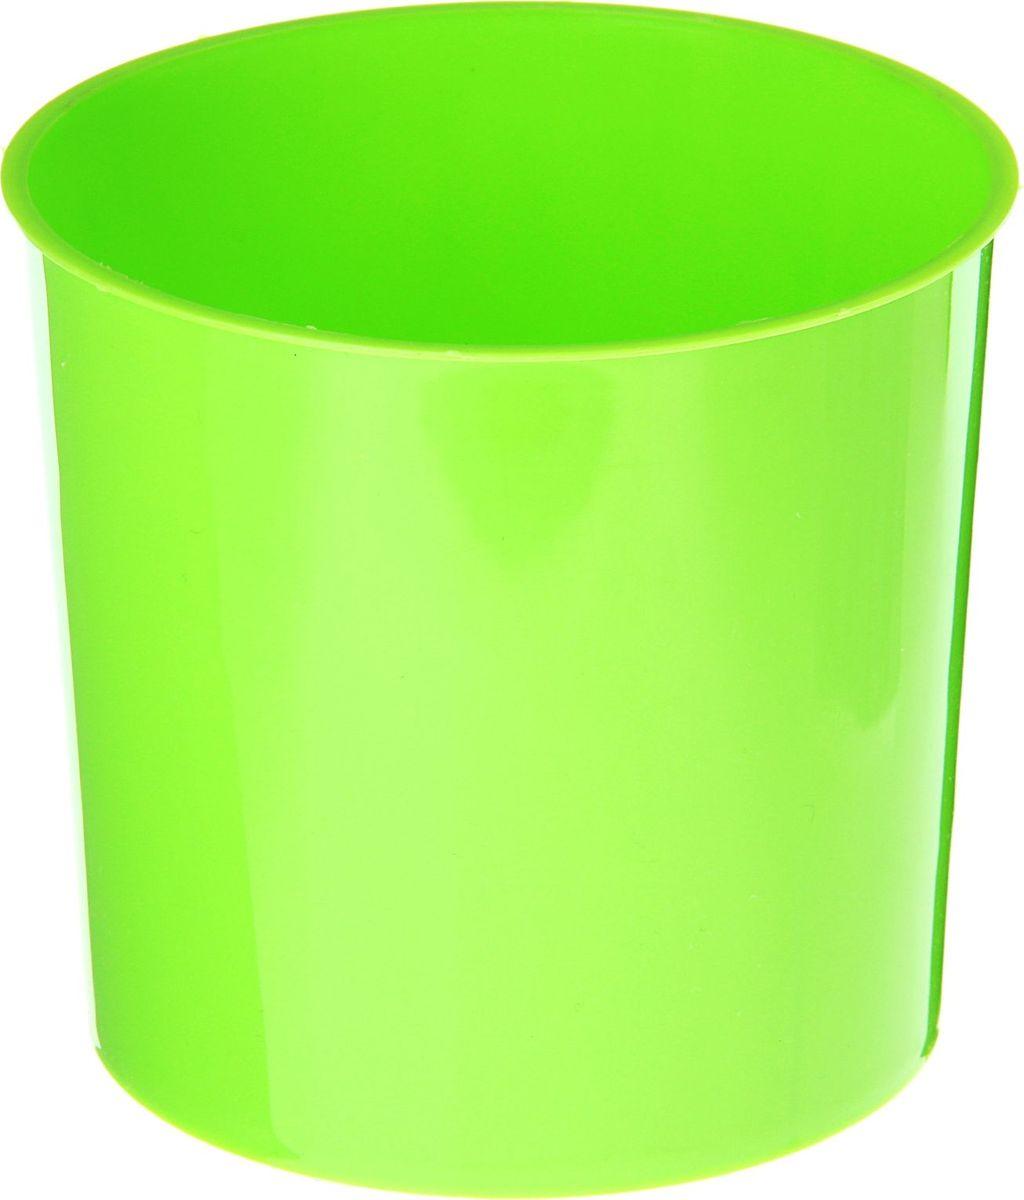 Горшок для цветов VesnaDecor, цвет: салатовый, 11 х 10,5 х 11 см844298Любой, даже самый современный и продуманный интерьер будет не завершенным без растений. Они не только очищают воздух и насыщают его кислородом, но и заметно украшают окружающее пространство. Такому полезному члену семьи просто необходимо красивое и функциональное кашпо, оригинальный горшок или необычная ваза! Мы предлагаем - Горшок 800 мл для цветов d=11 см, цвет салатовый! Оптимальный выбор материала - это пластмасса! Почему мы так считаем? Малый вес. С легкостью переносите горшки и кашпо с места на место, ставьте их на столики или полки, подвешивайте под потолок, не беспокоясь о нагрузке. Простота ухода. Пластиковые изделия не нуждаются в специальных условиях хранения. Их легко чистить достаточно просто сполоснуть теплой водой. Никаких царапин. Пластиковые кашпо не царапают и не загрязняют поверхности, на которых стоят. Пластик дольше хранит влагу, а значит растение реже нуждается в поливе. Пластмасса не пропускает воздух корневой системе растения не грозят резкие перепады температур. Огромный выбор форм, декора и расцветок вы без труда подберете что-то, что идеально впишется в уже существующий интерьер. Соблюдая нехитрые правила ухода, вы можете заметно продлить срок службы горшков, вазонов и кашпо из пластика: всегда учитывайте размер кроны и корневой системы растения (при разрастании большое растение способно повредить маленький горшок) берегите изделие от воздействия прямых солнечных лучей, чтобы кашпо и горшки не выцветали держите кашпо и горшки из пластика подальше от нагревающихся поверхностей. Создавайте прекрасные цветочные композиции, выращивайте рассаду или необычные растения, а низкие цены позволят вам не ограничивать себя в выборе.